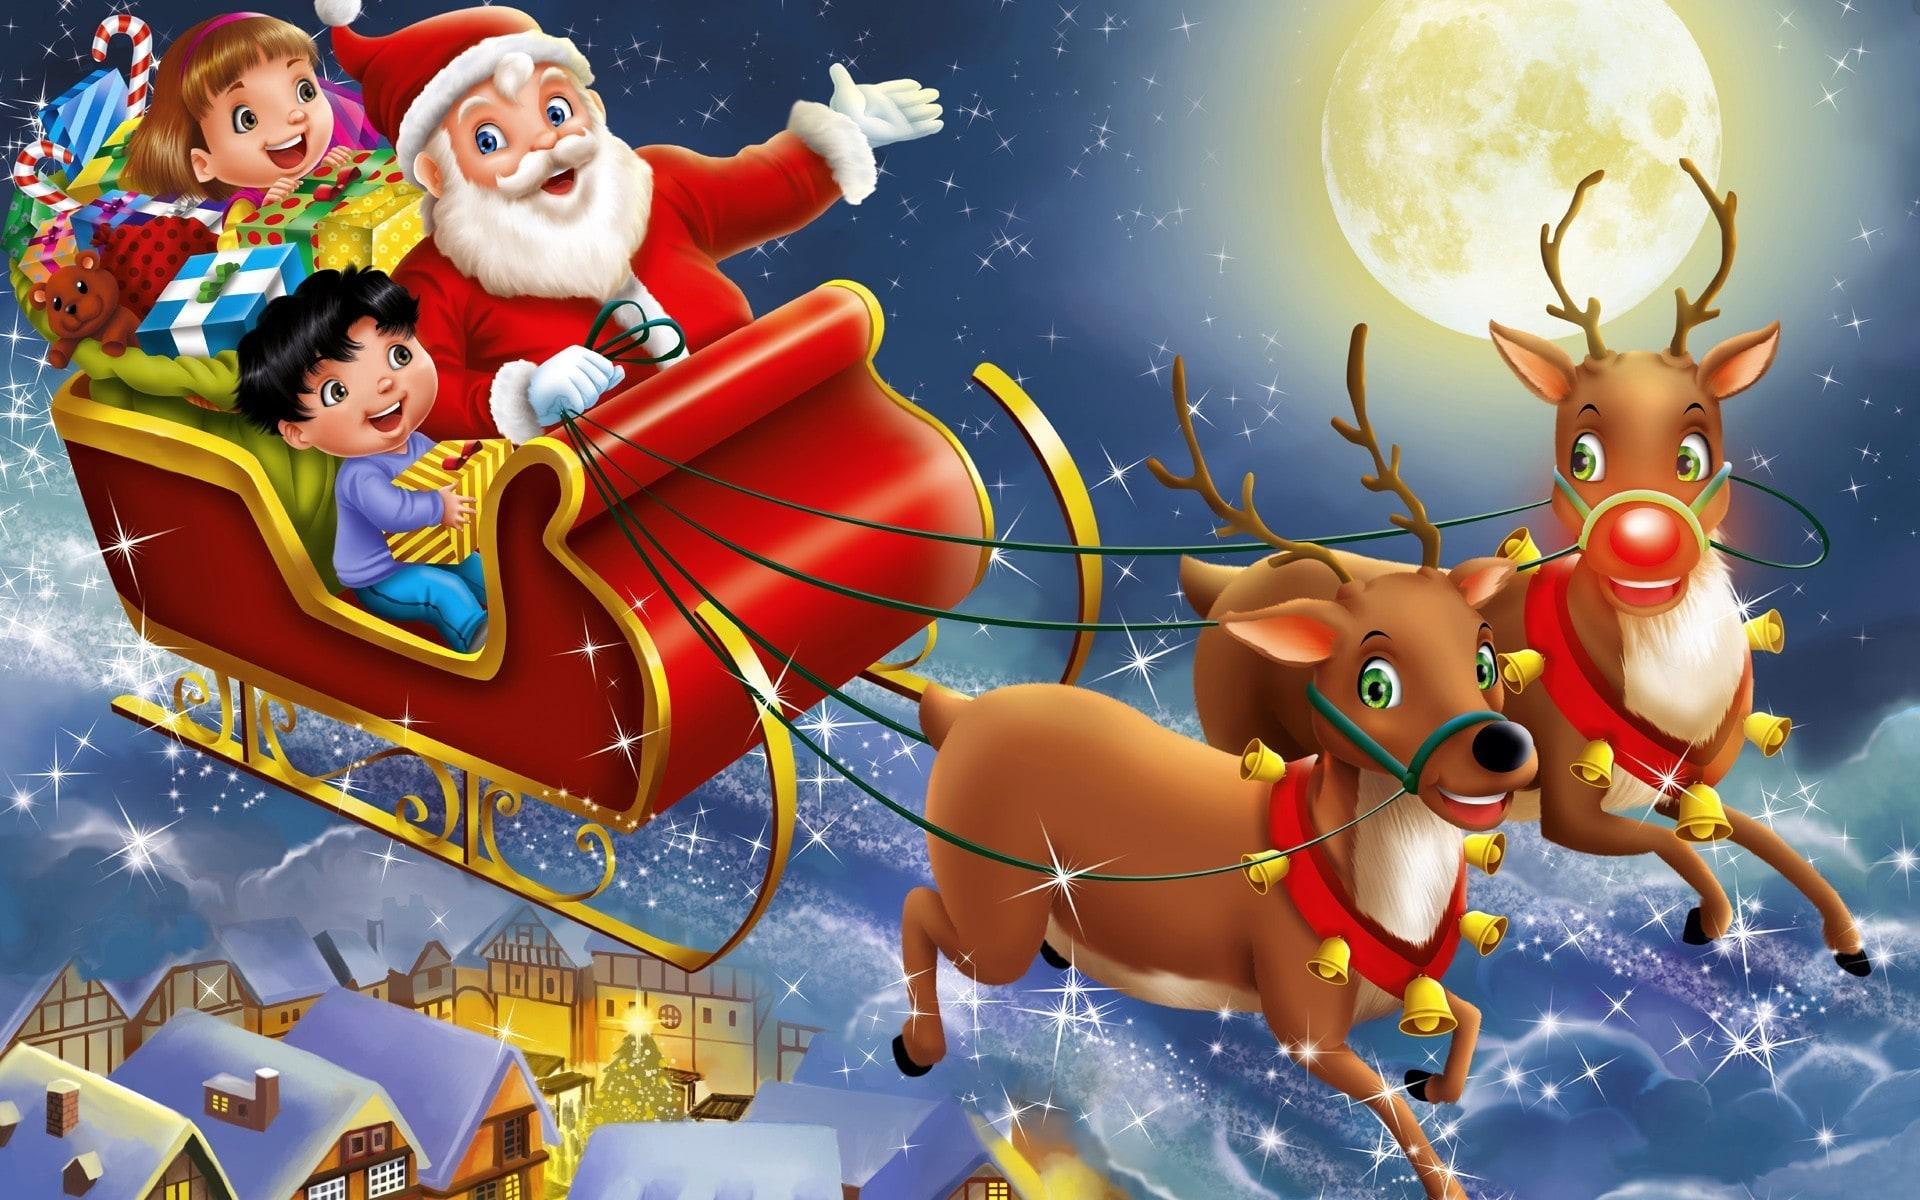 Santa Claus Widescreen for desktop